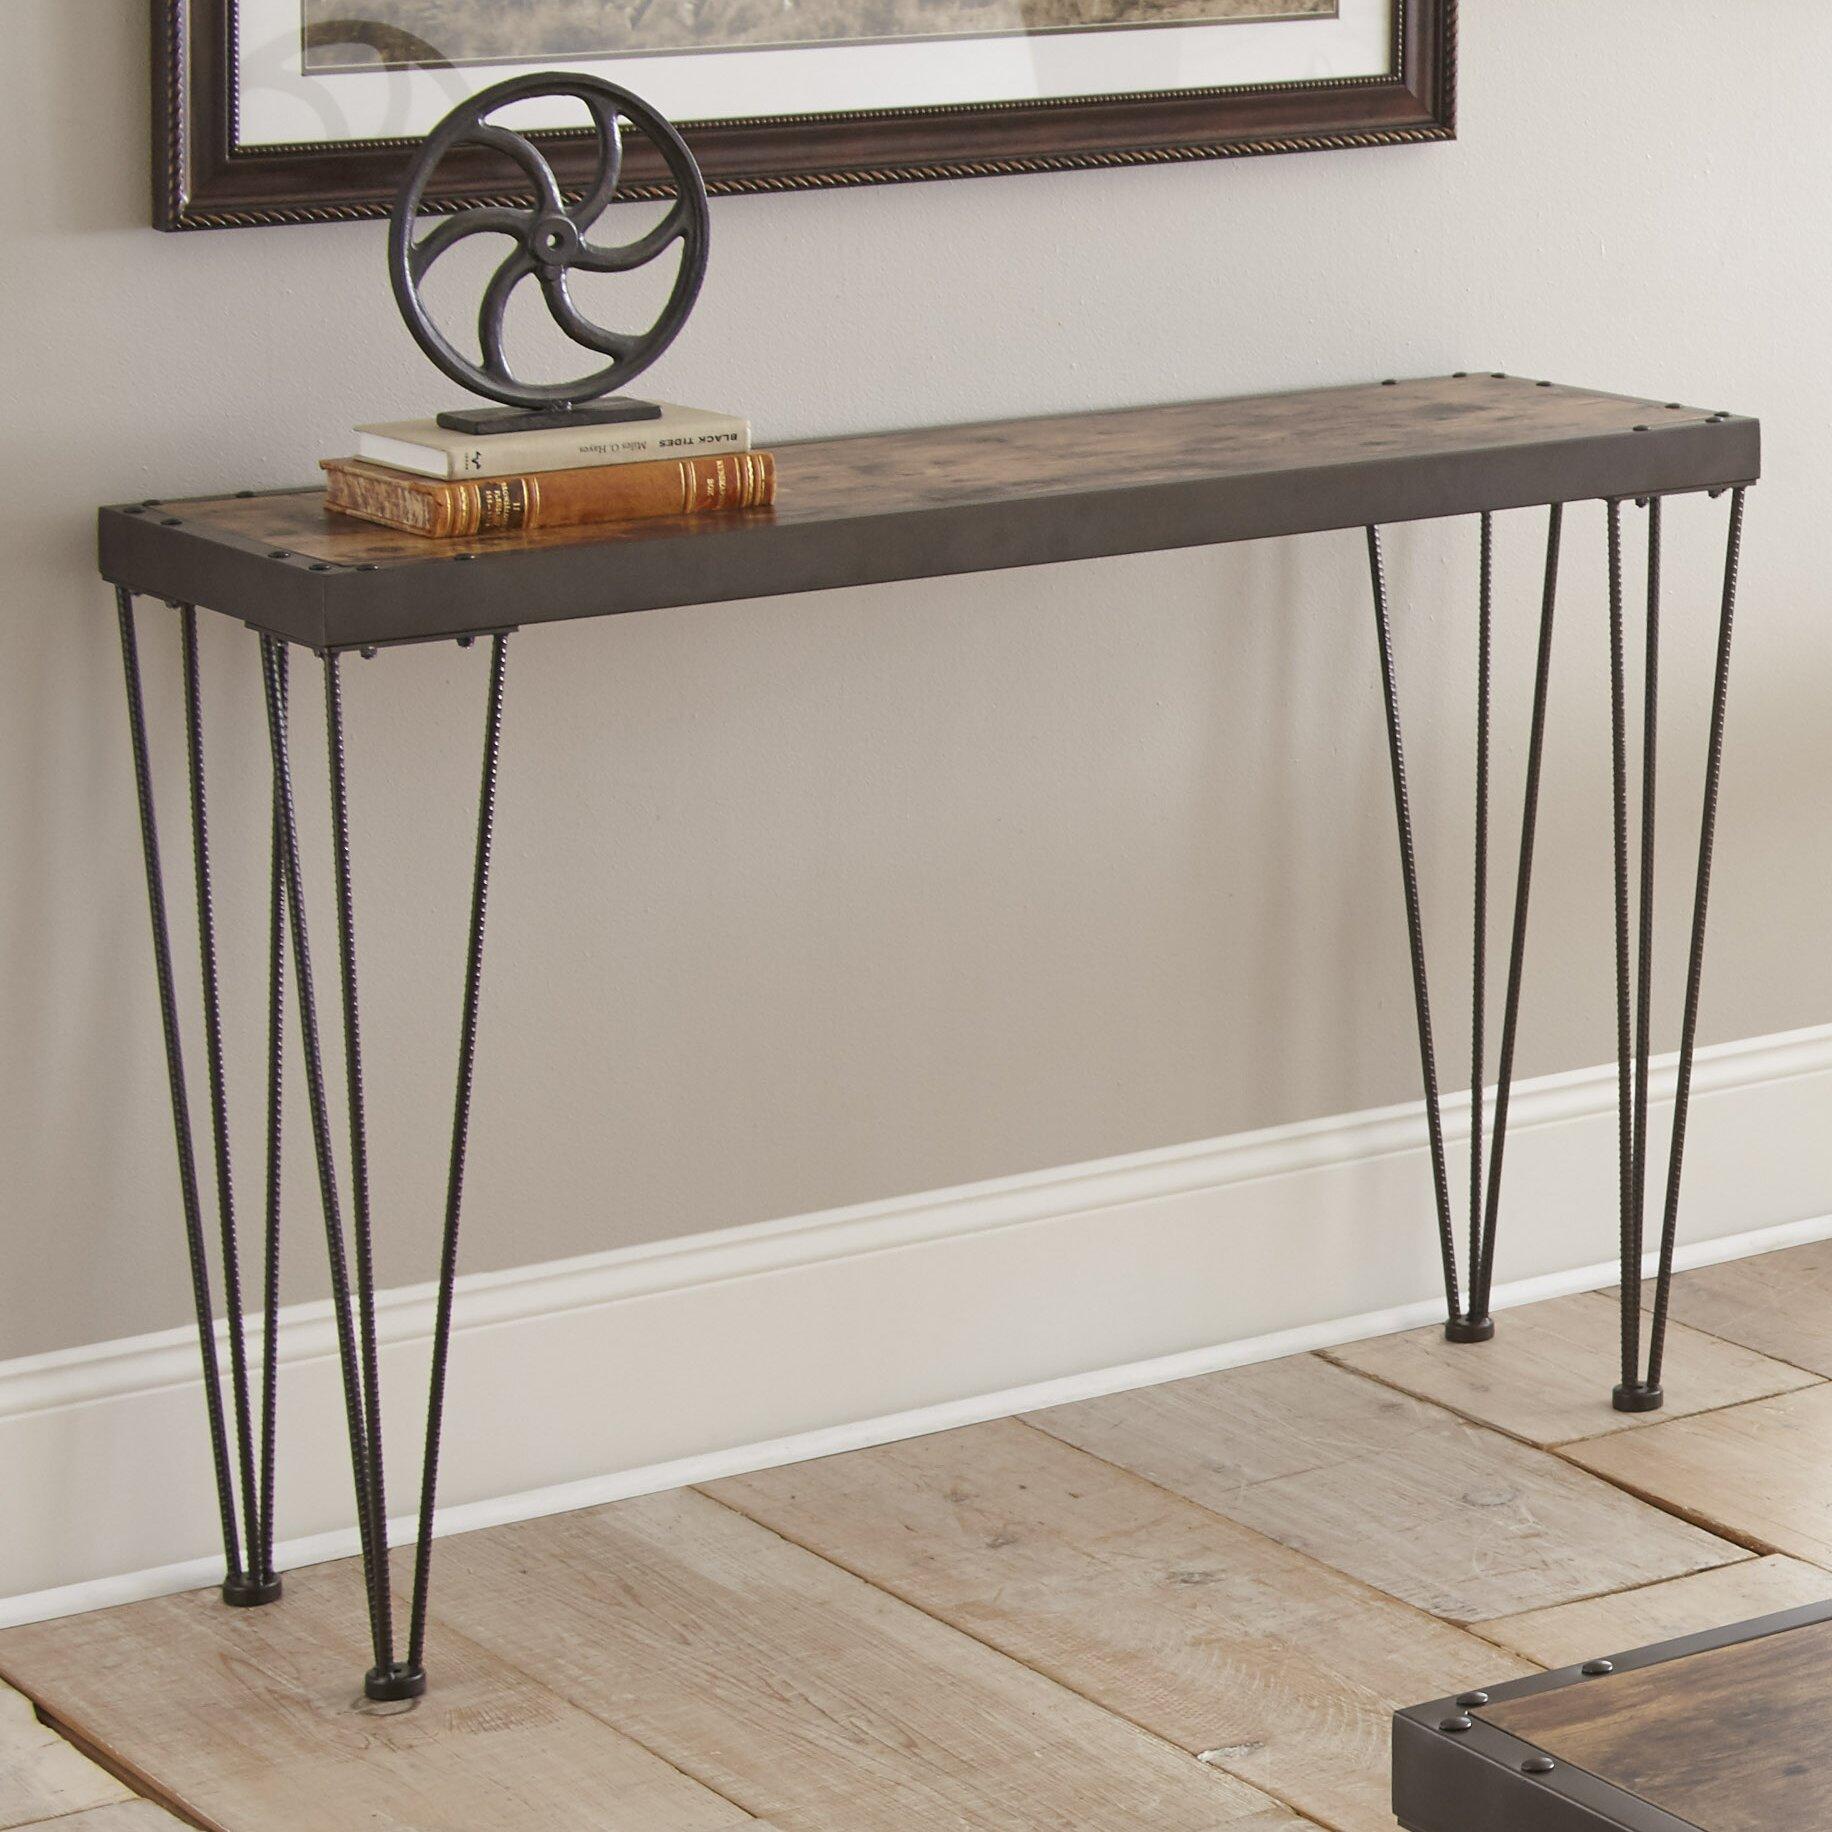 Laurel foundry modern farmhouse owen console table - Laurel foundry modern farmhouse bedroom ...